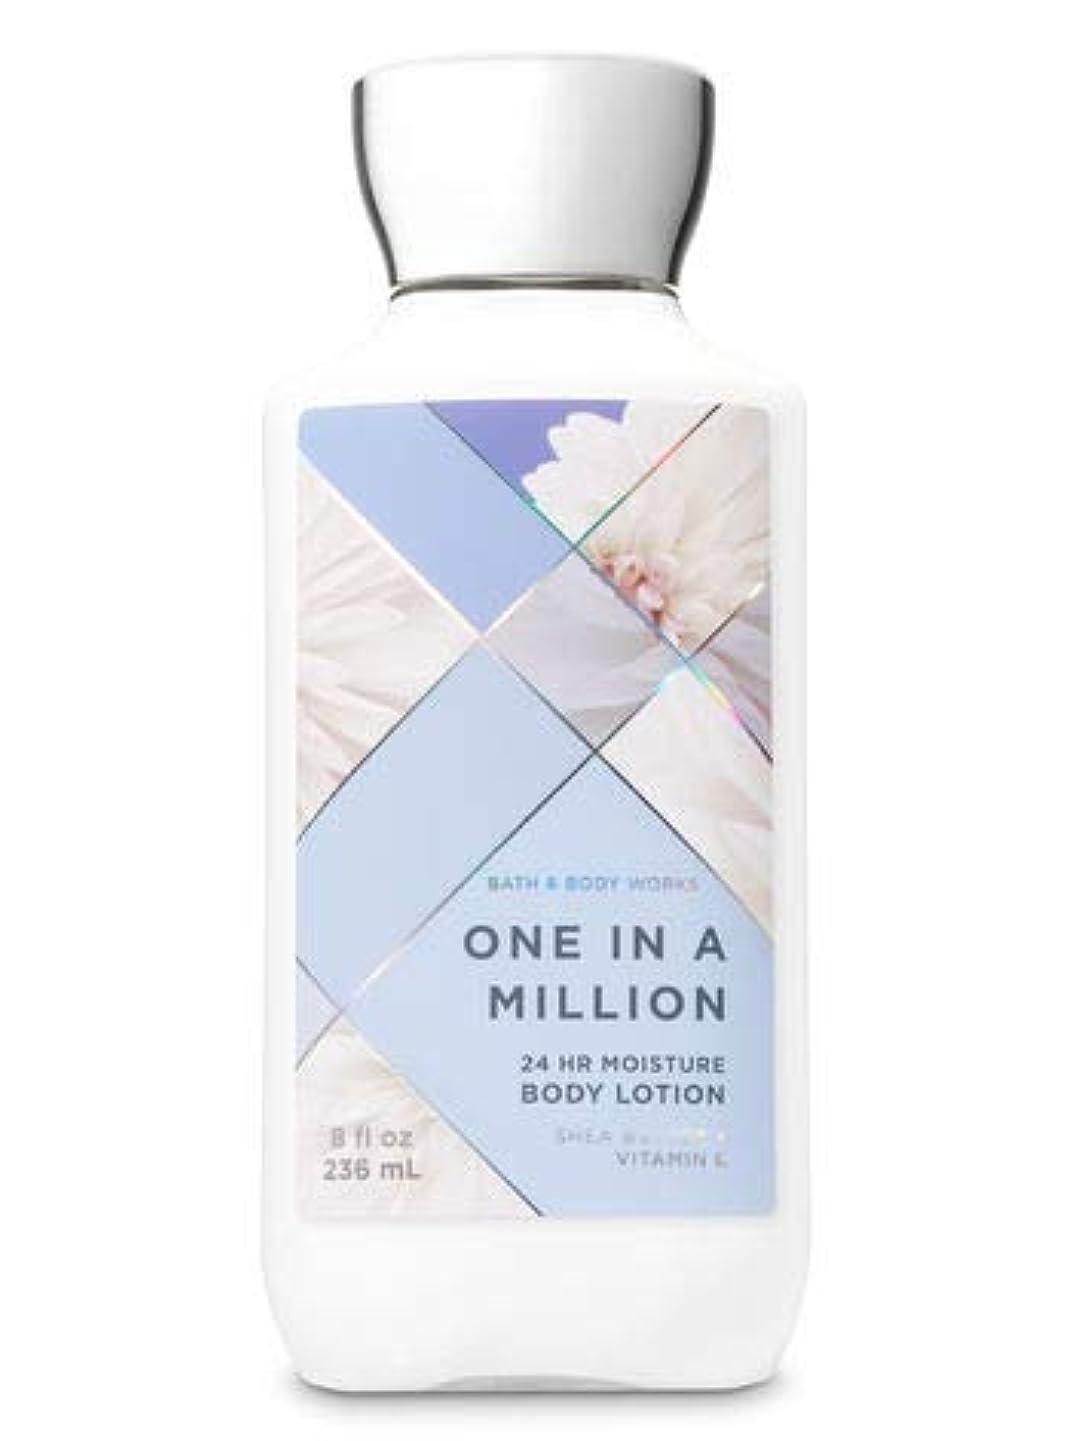 負荷薄汚いカストディアン【Bath&Body Works/バス&ボディワークス】 ボディローション ワンインアミリオン Super Smooth Body Lotion One in a Million 8 fl oz / 236 mL [並行輸入品]